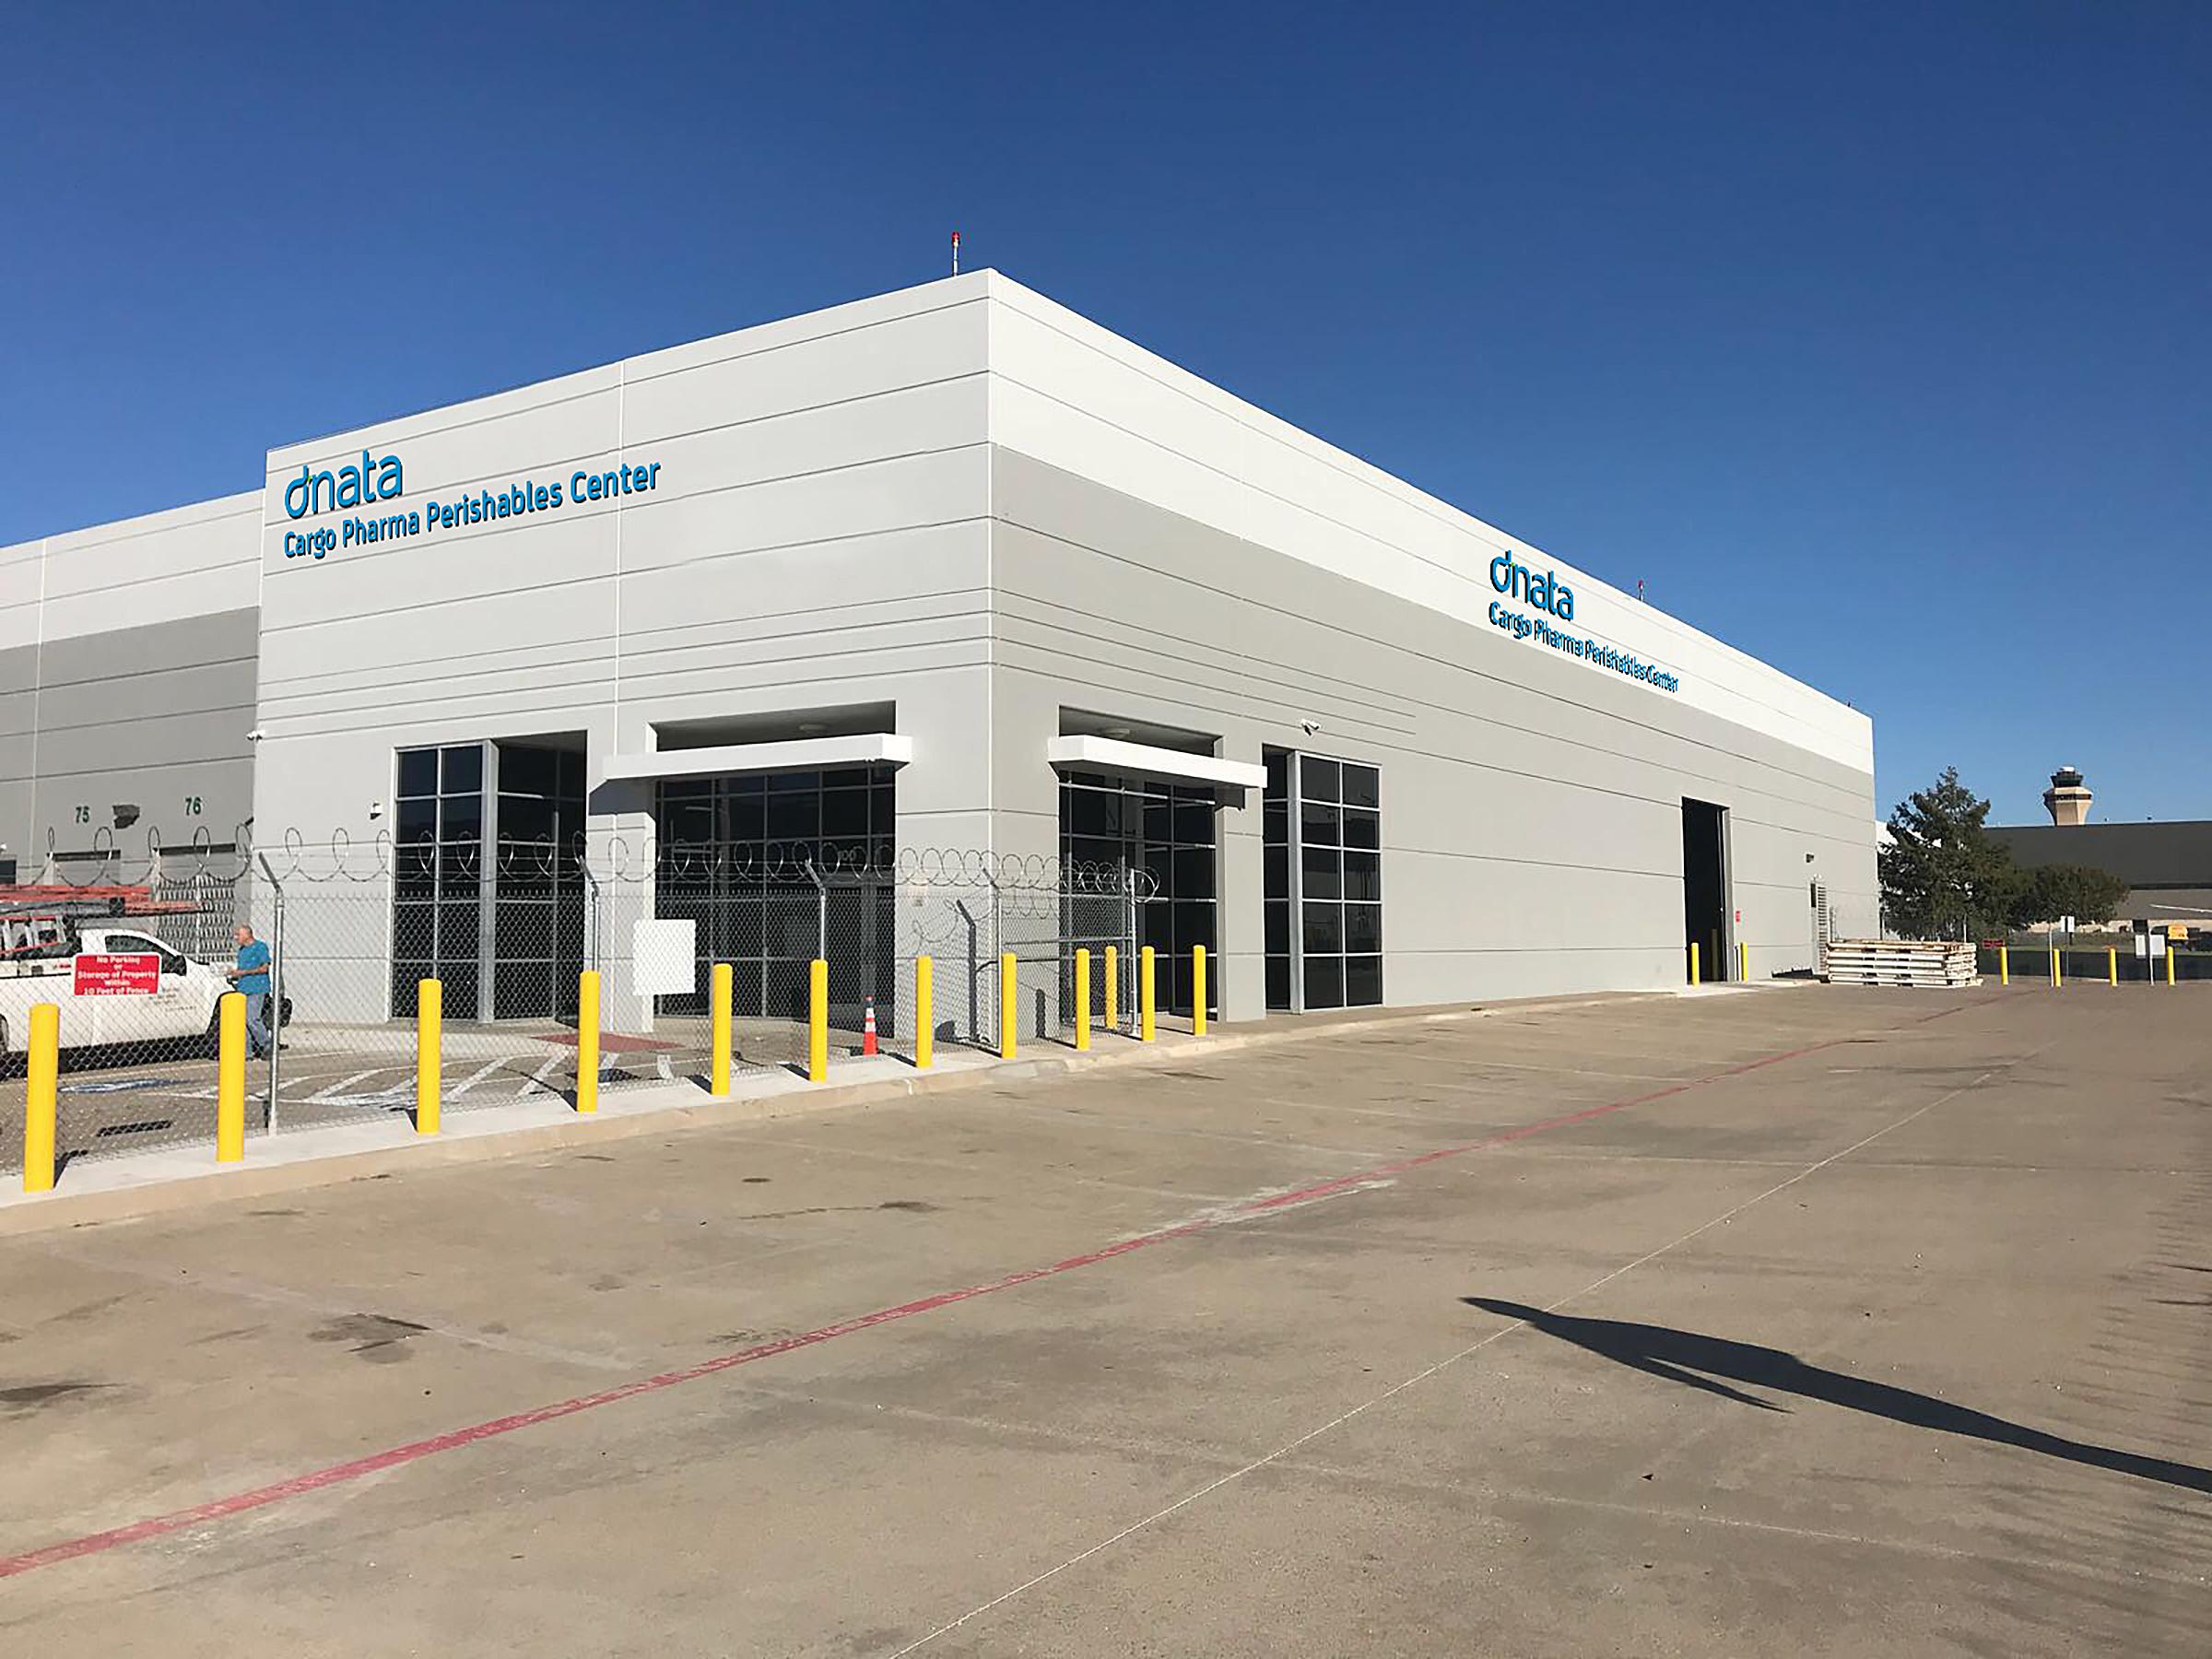 dnata opens Dallas Fort Worth's first perishable cargo facility